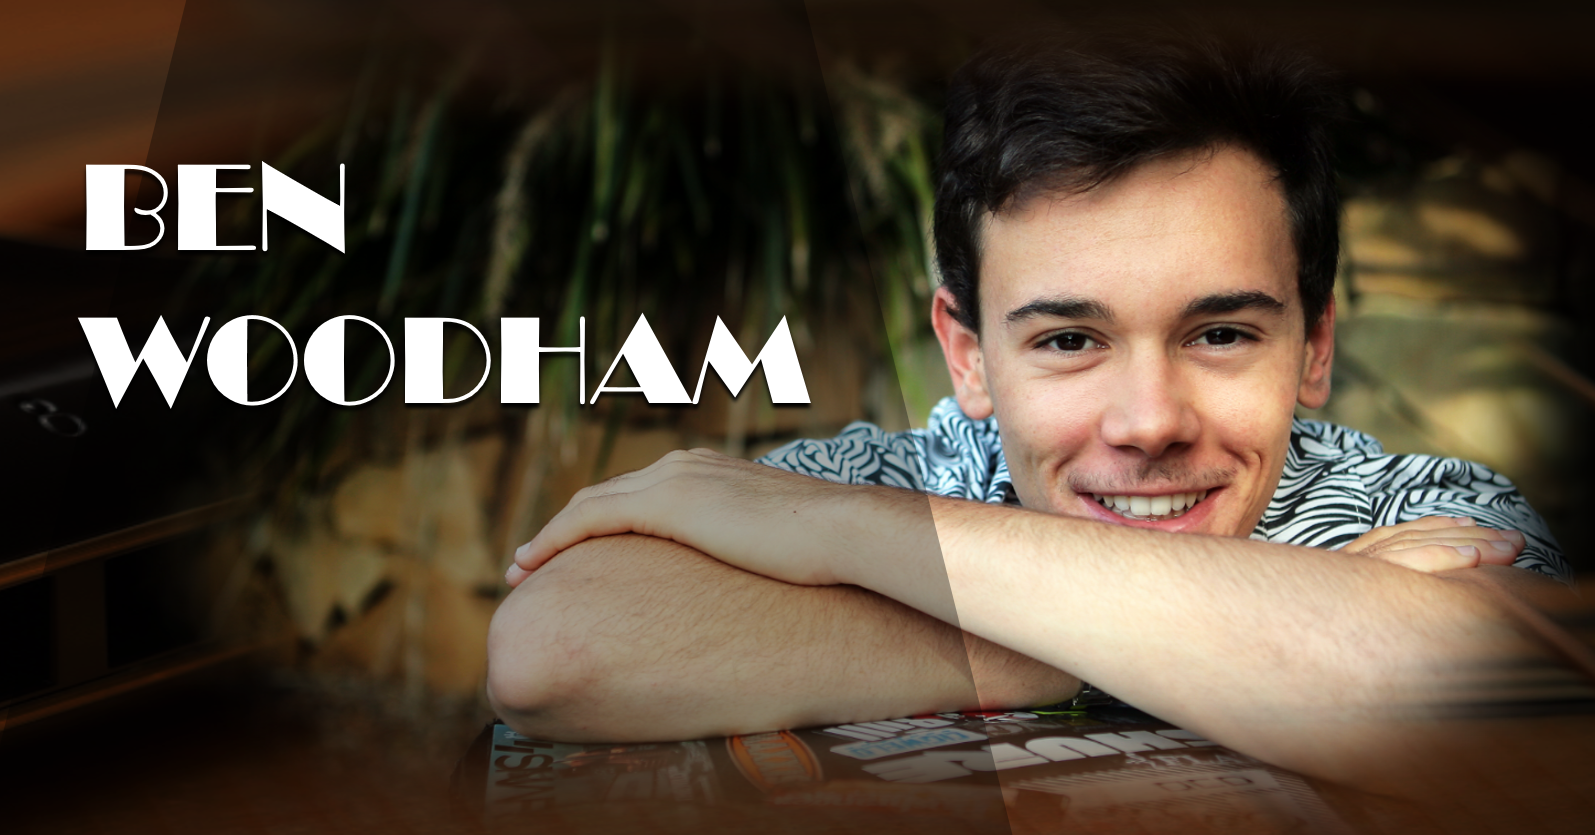 Ben Woodham